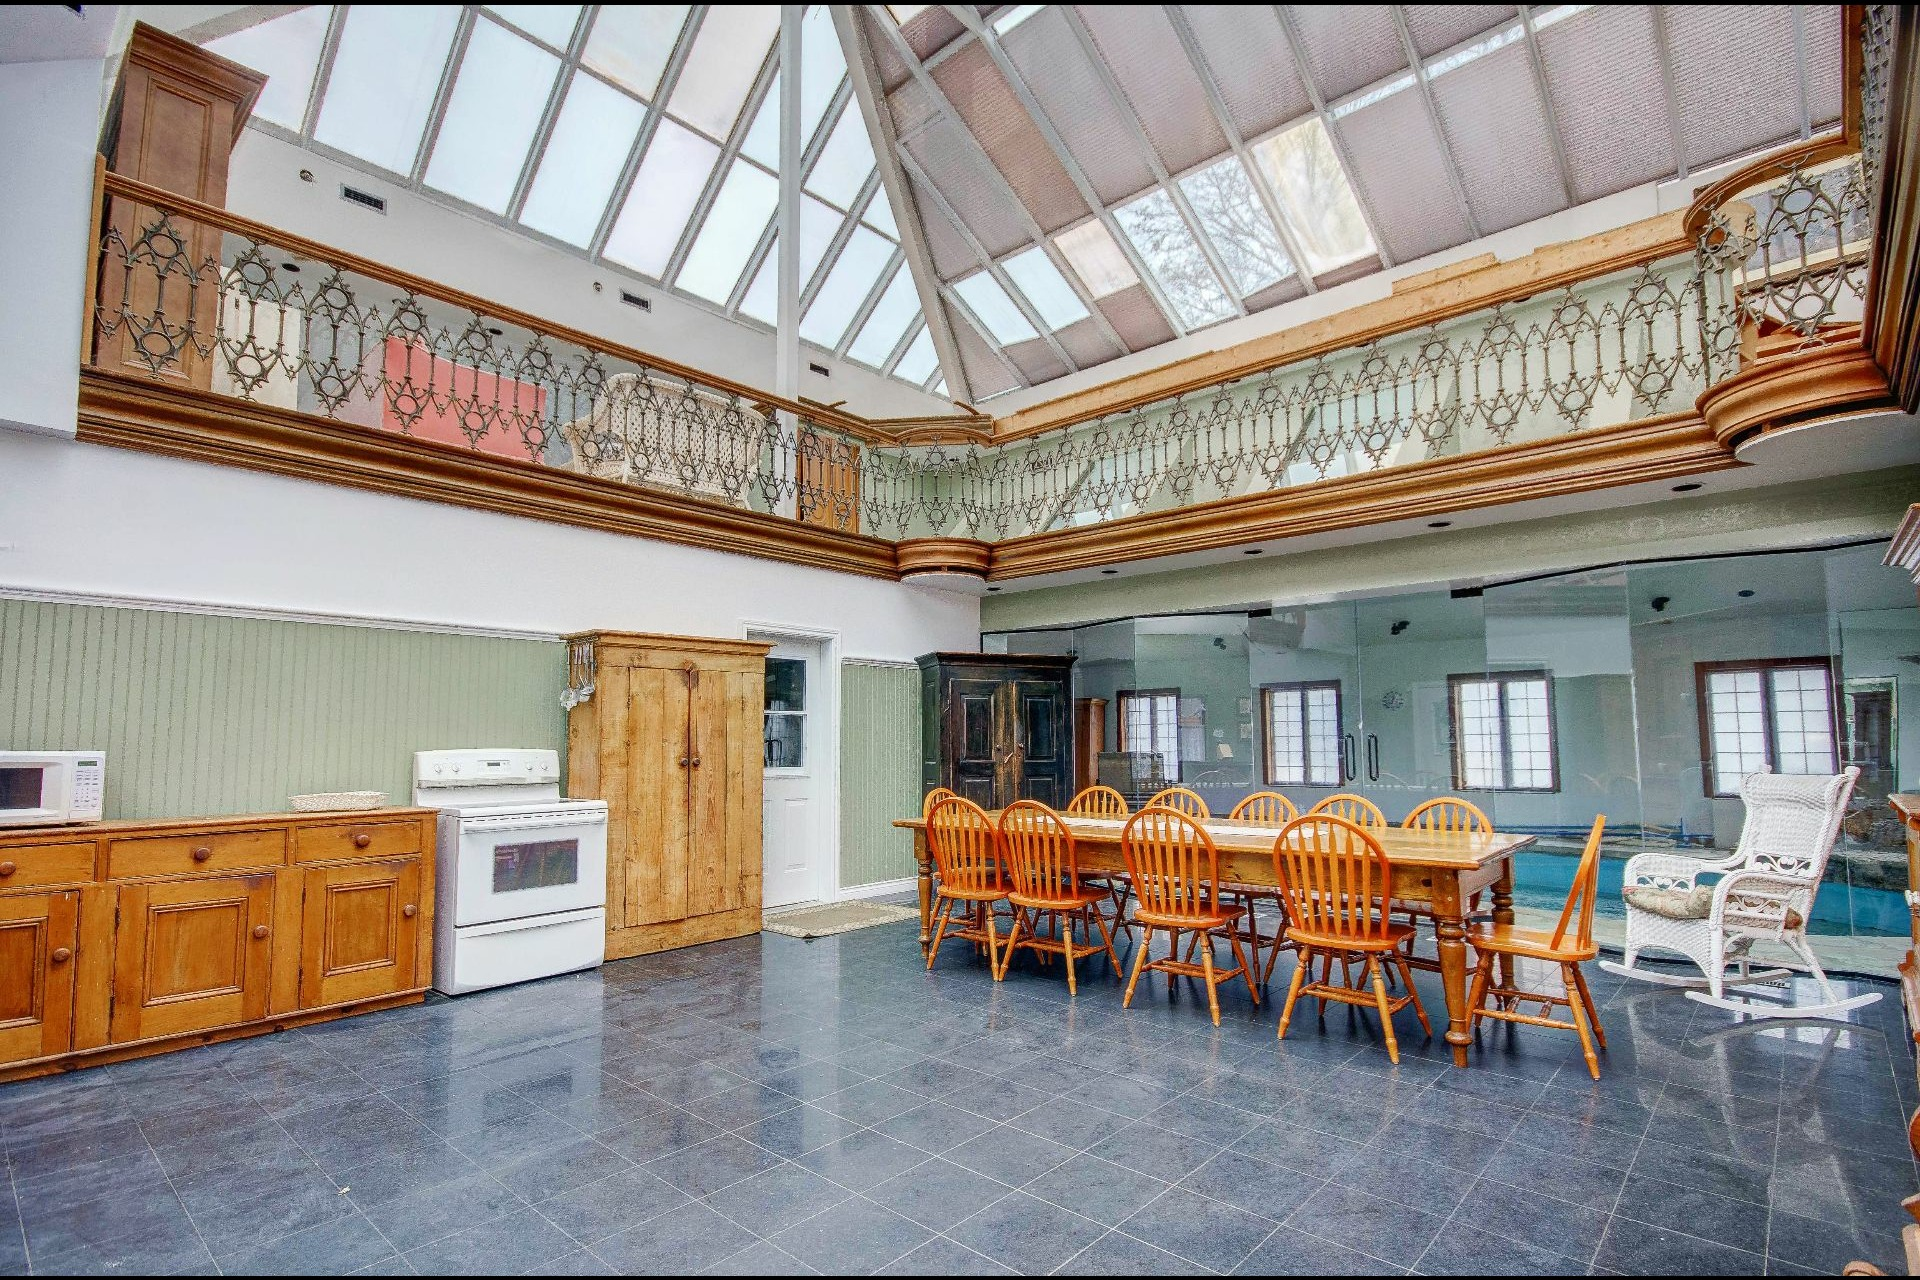 image 5 - Maison À vendre Châteauguay - 12 pièces